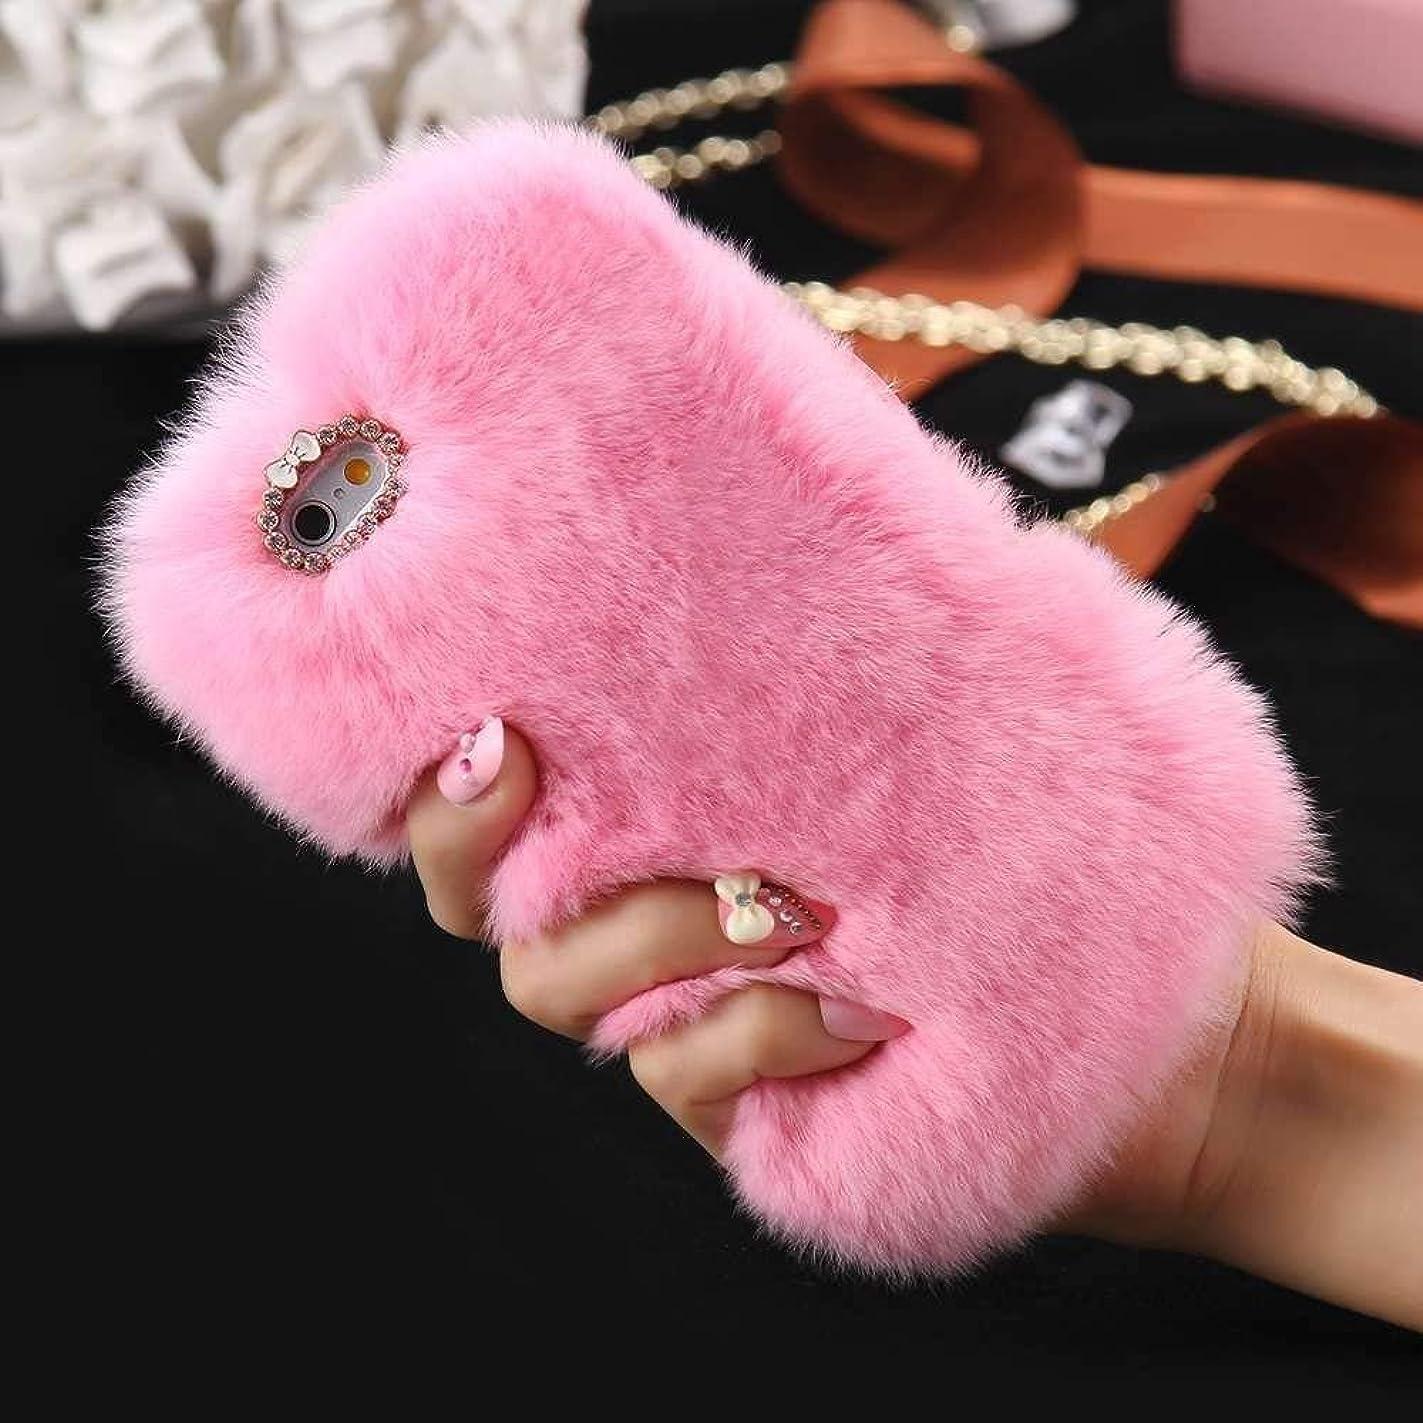 ケント直立デイジーiPhone XR ケースカバー かわいい INorton 保護カバー 耐衝撃 おしゃれ 軽量 薄型 手触り 女の子 iPhone XR対応 冬に最適